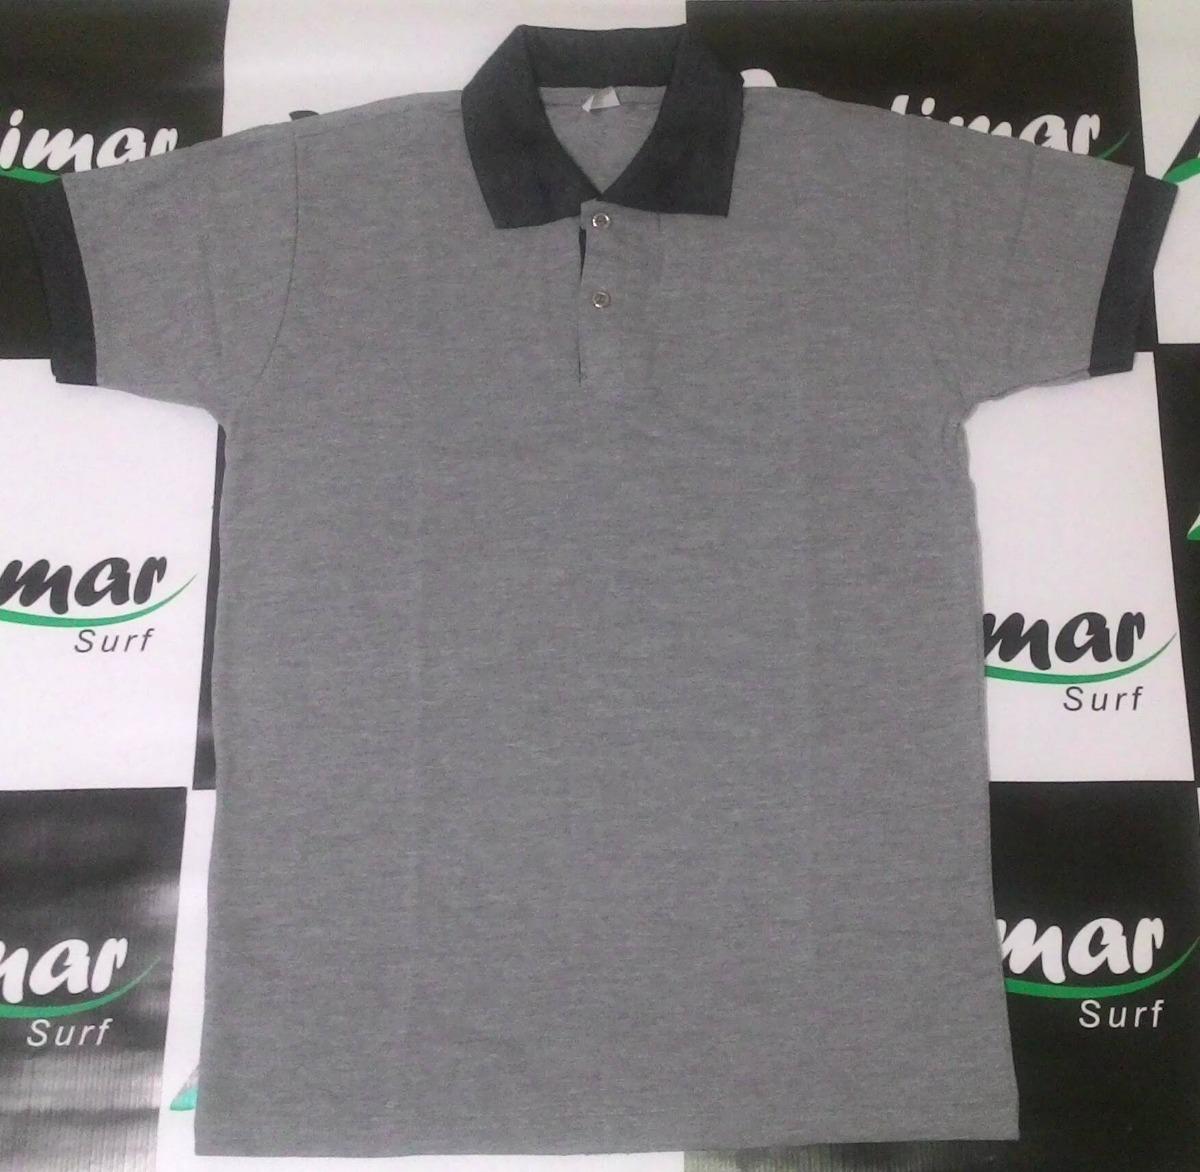 2d2328a406e77 camisa polo masculina basica piquet lisa estilo luxo barato. Carregando zoom .